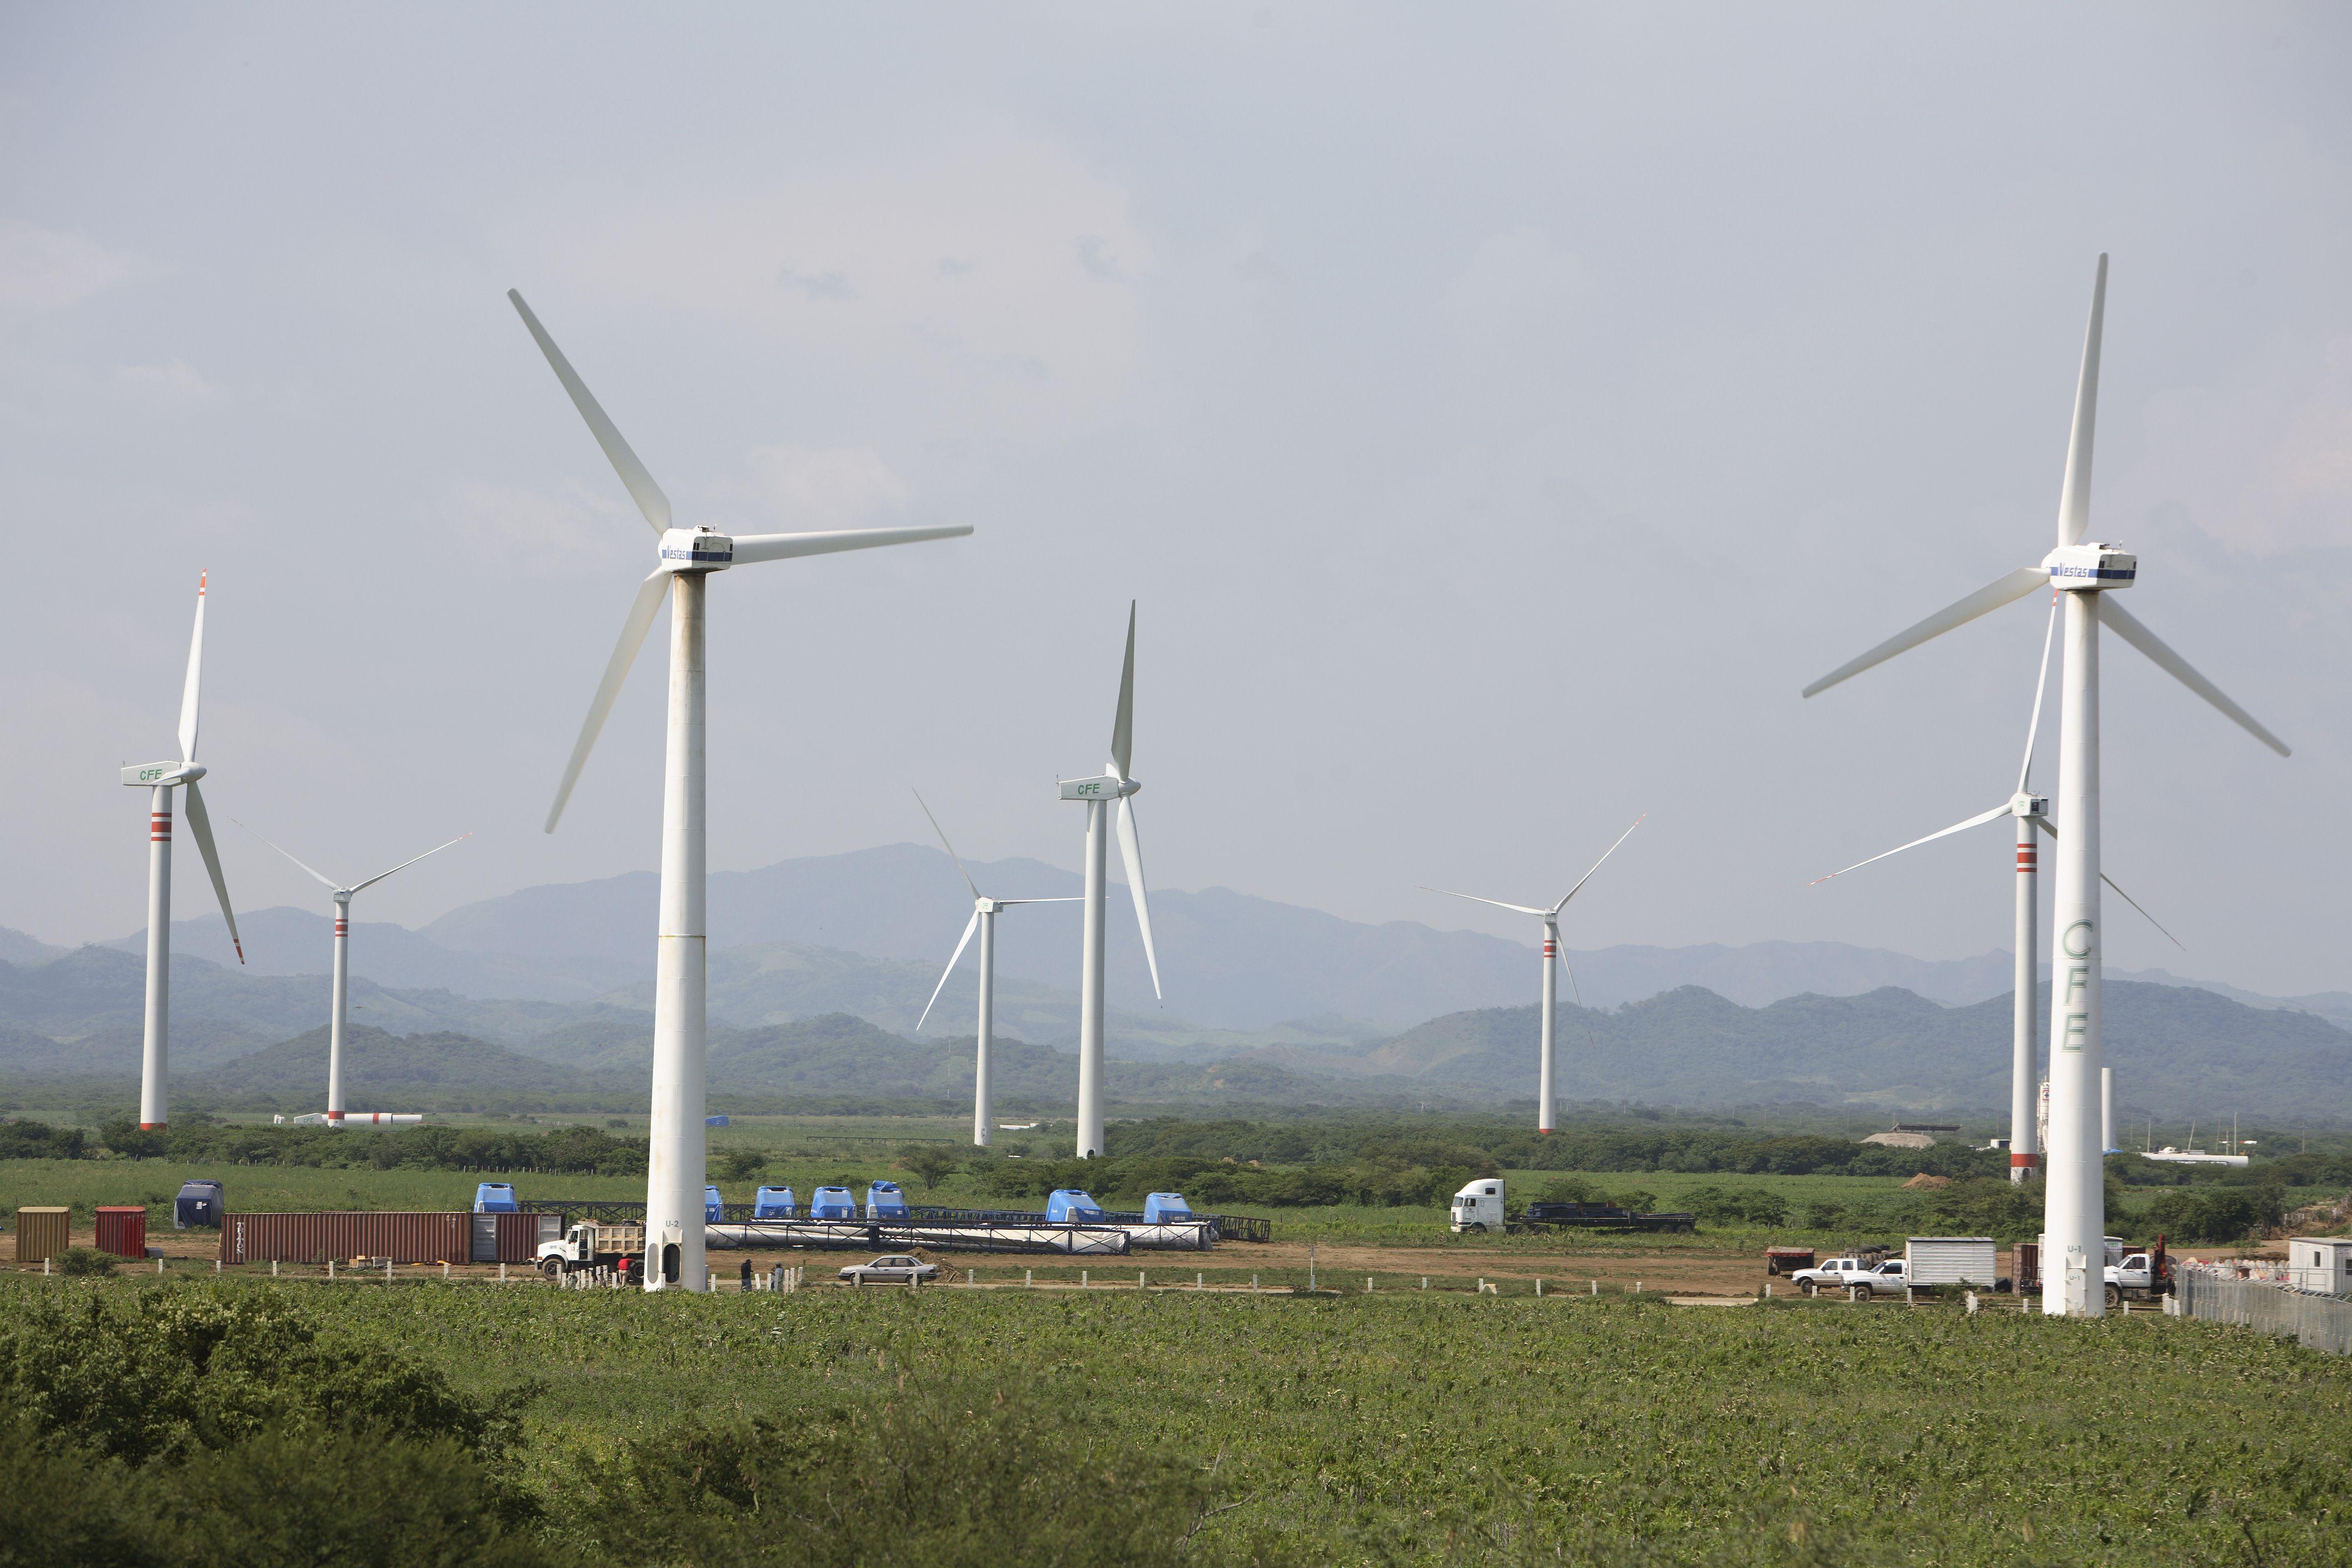 Eólica y energías renovables: parque eólico en México para Volkswagen